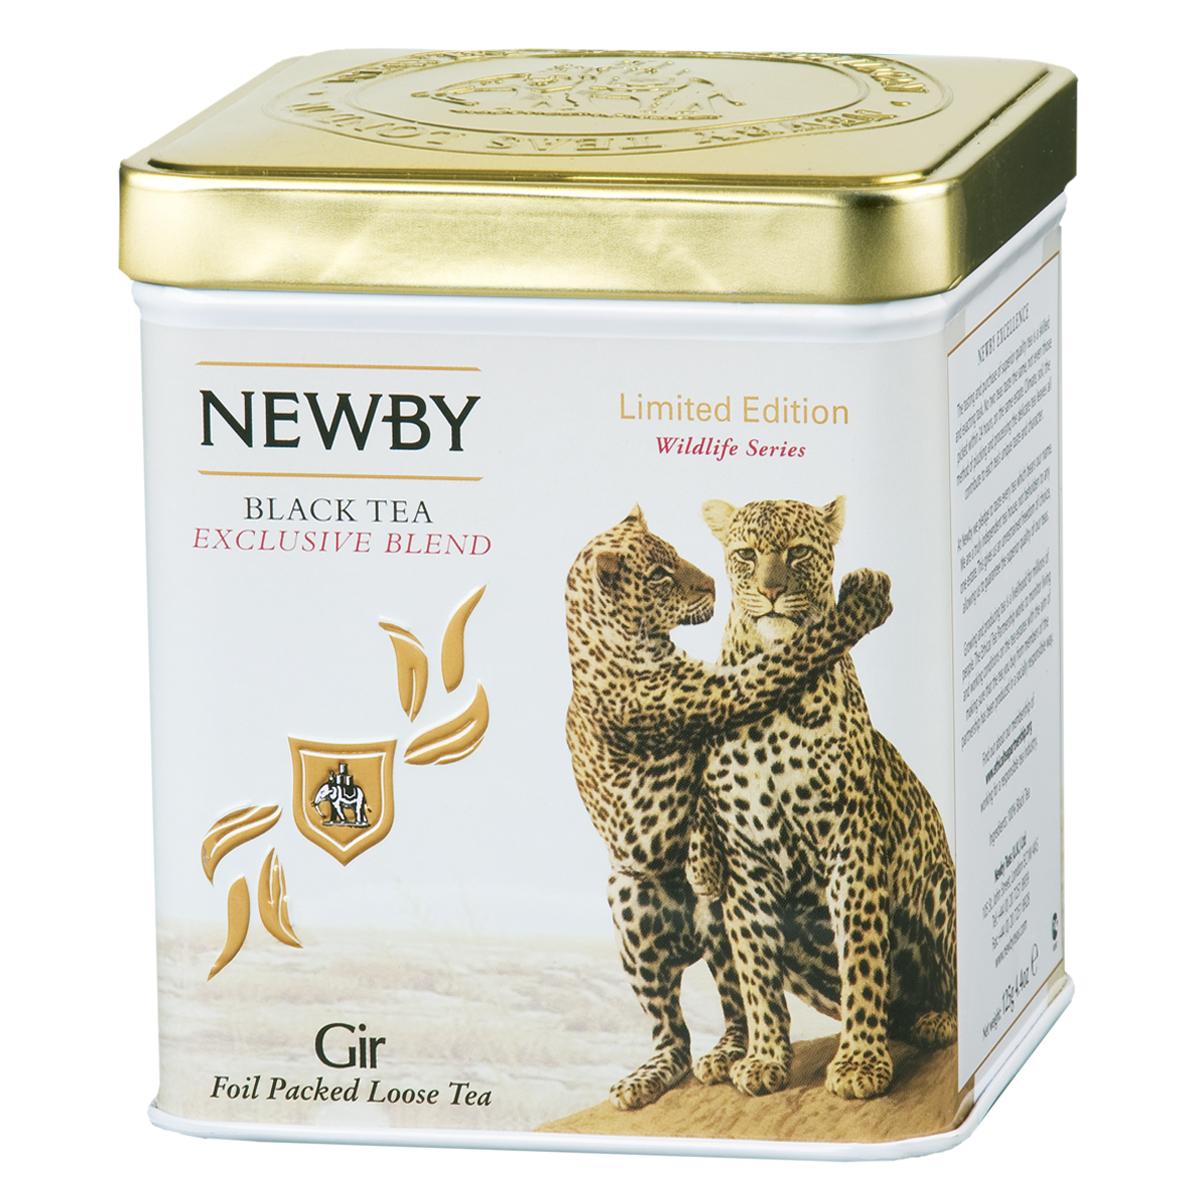 Newby Gir черный листовой чай, 125 г4640000277567Неповторимая смесь премиального черного чая Ассам с золотистыми типсами. Яркий настой с богатым солодовым ароматом и пряным послевкусием.